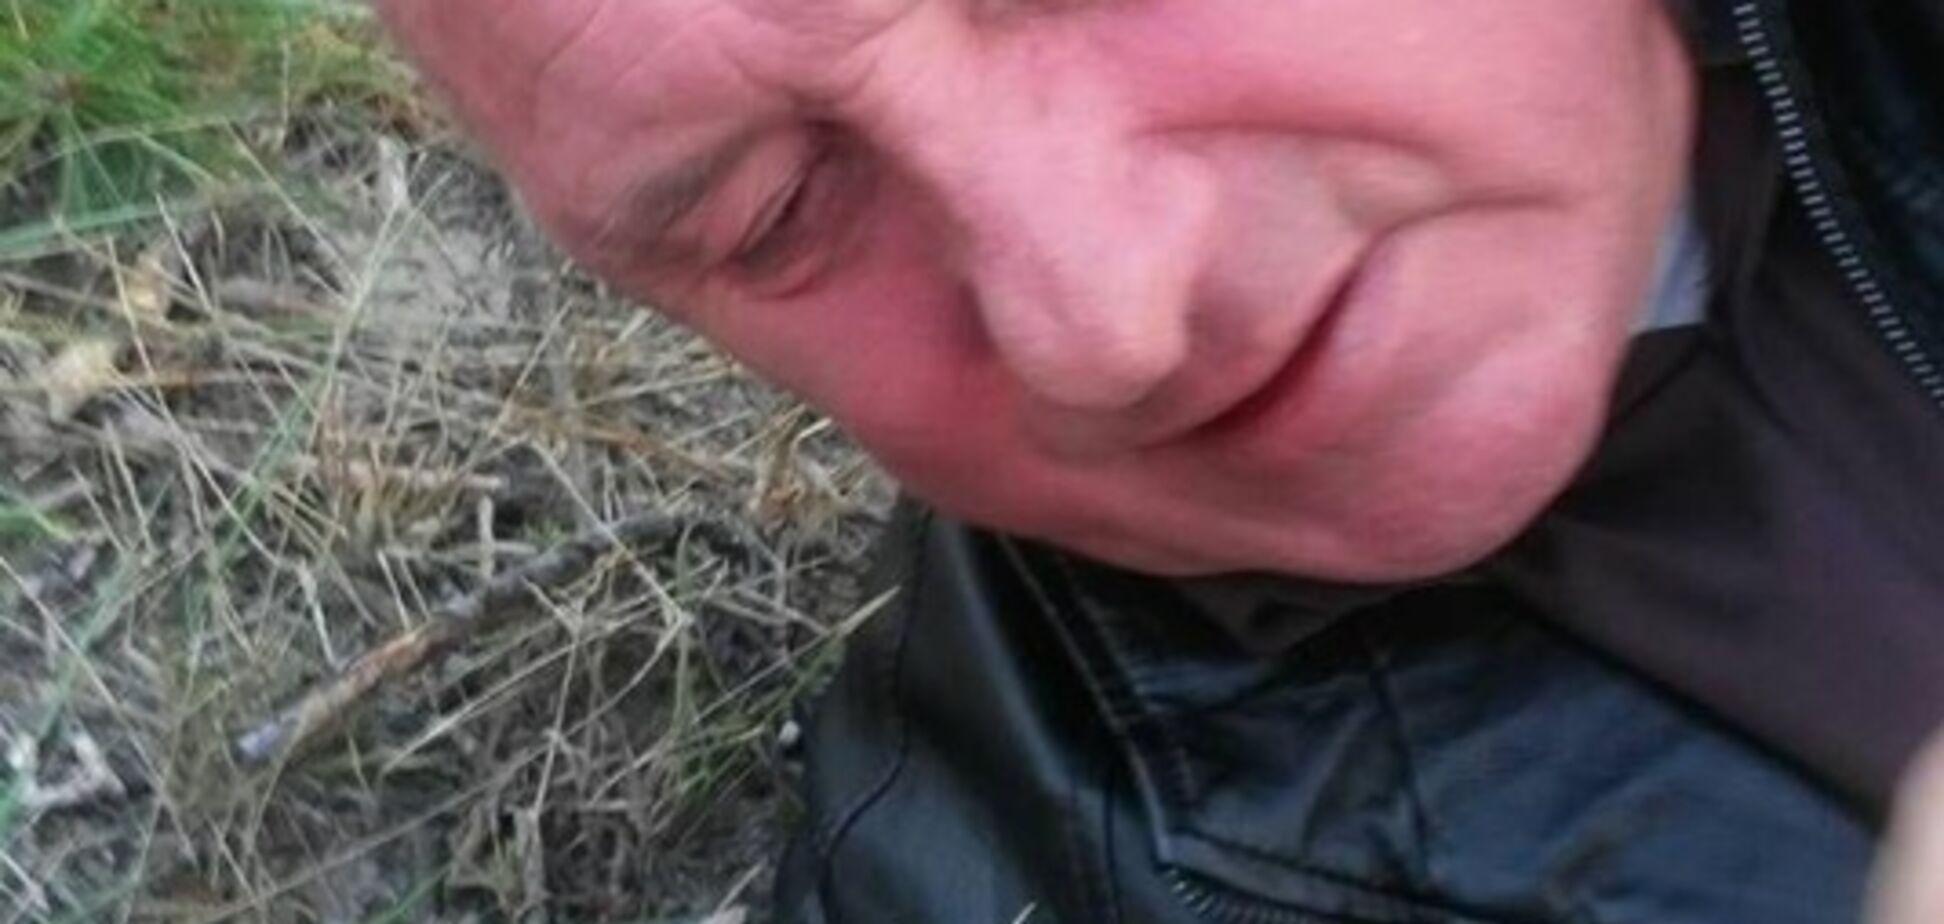 Склонял к сексу за рюкзачок: под Харьковом родители поймали педофила. Опубликована переписка